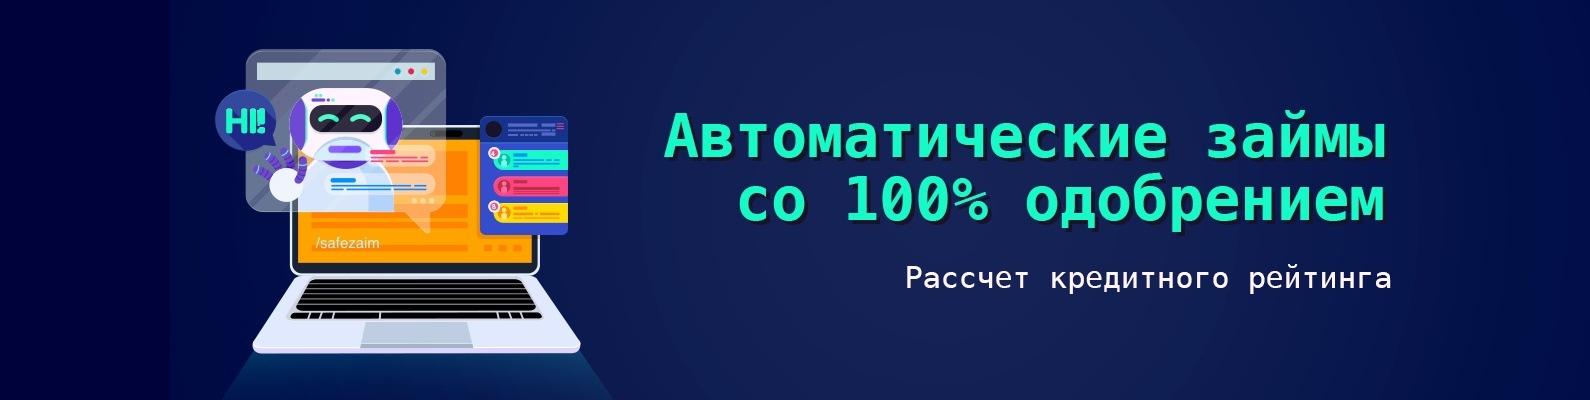 zajmy-avtomaticheskie_10